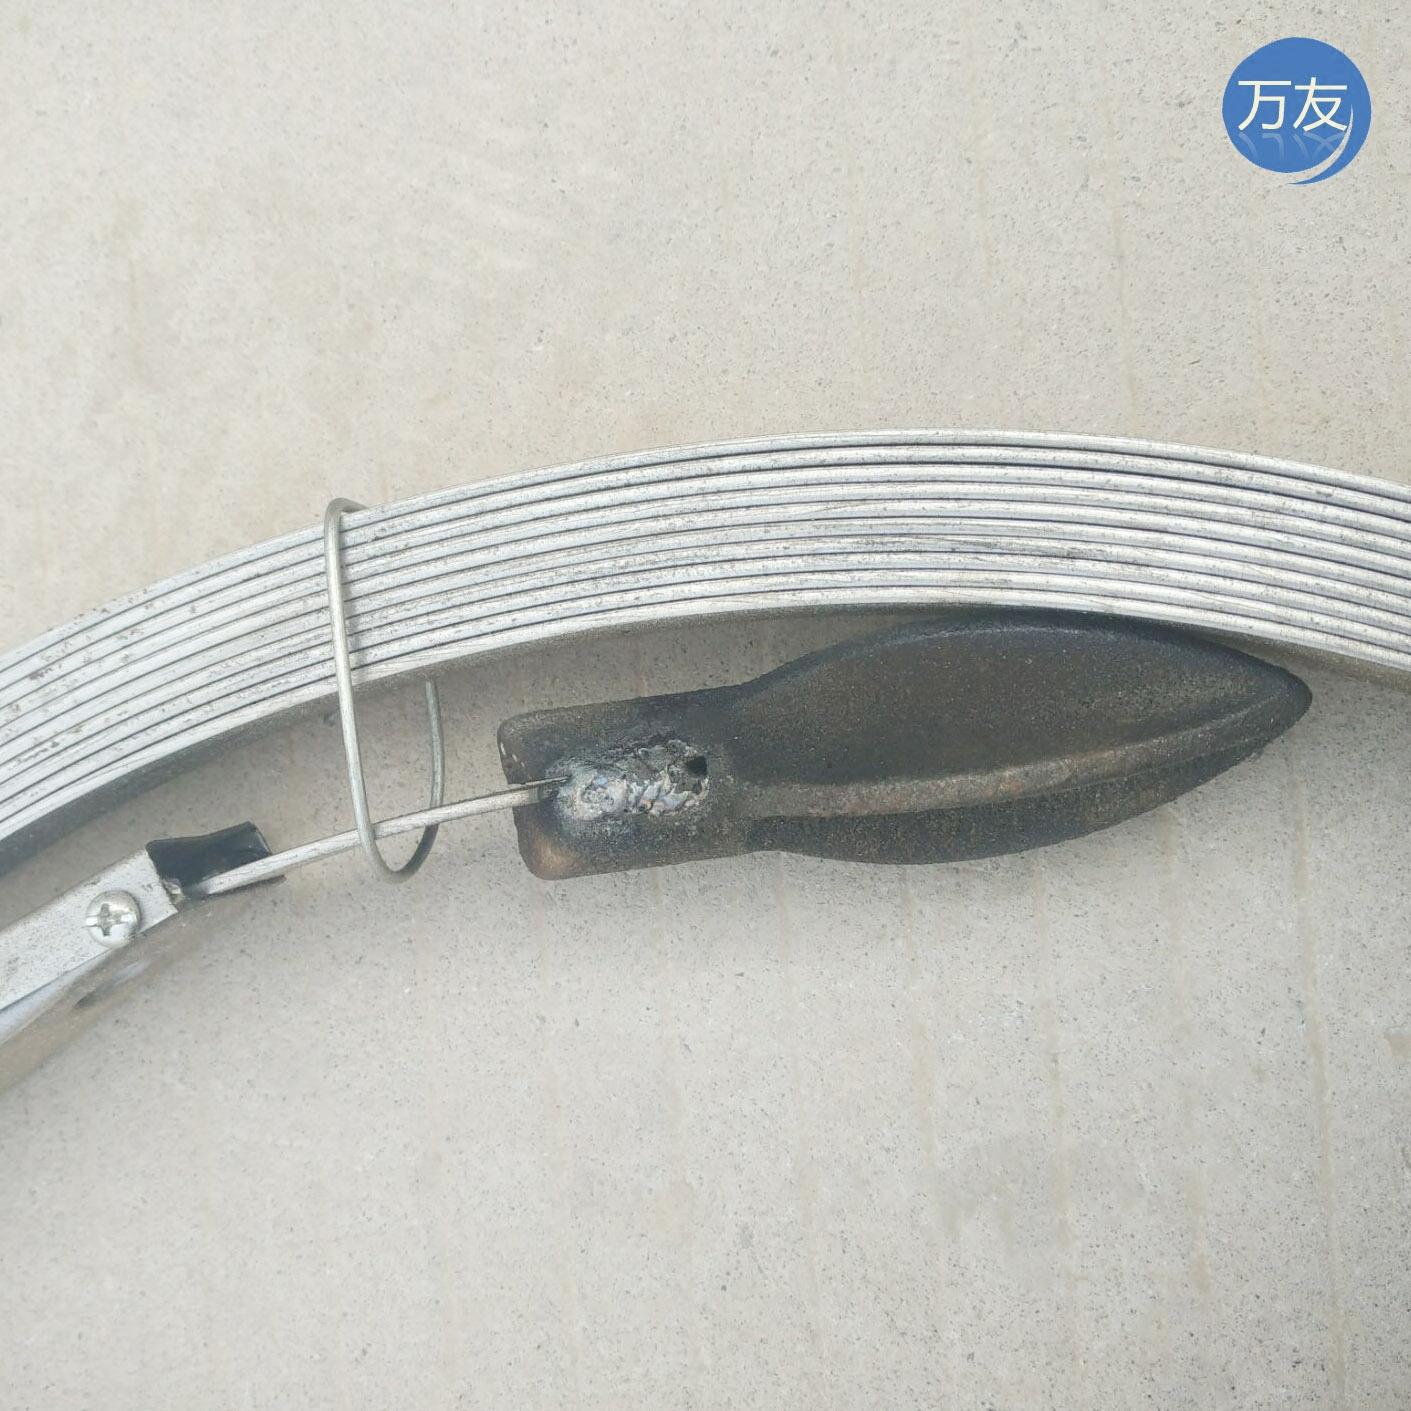 La venta directa de la fábrica de acero de la tubería a través de 65 draga de alcantarillas de flejes de acero de 1,8 cm de 14 euros / metros